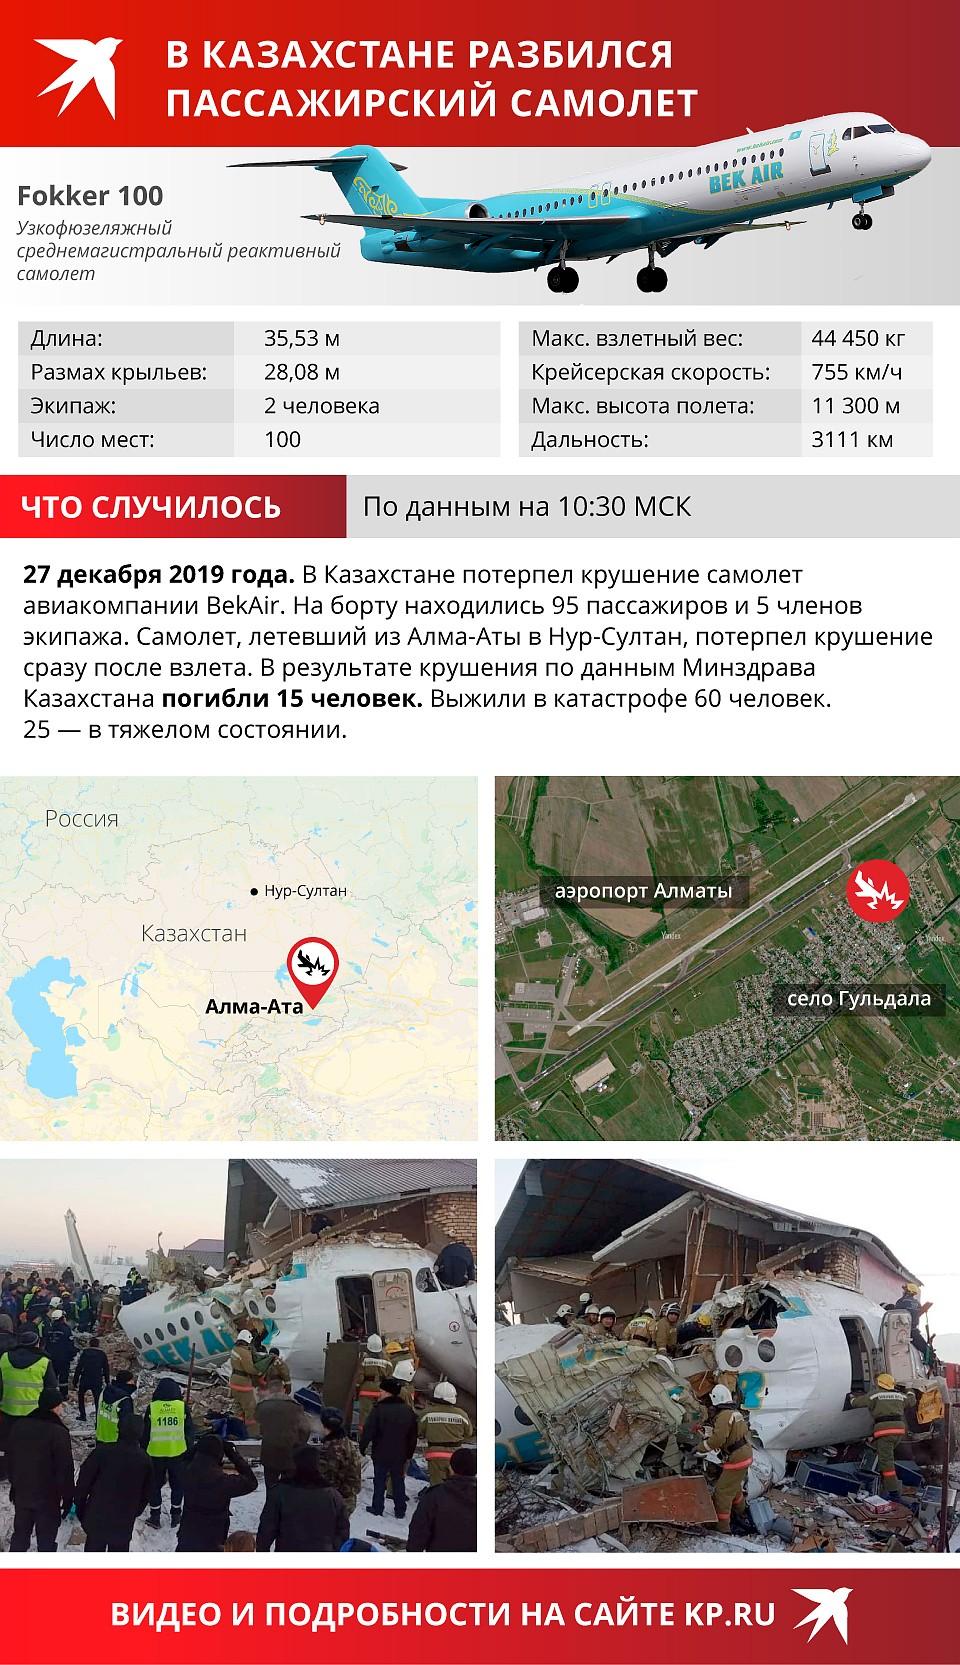 как проверить авто в аресте или нет в казахстане